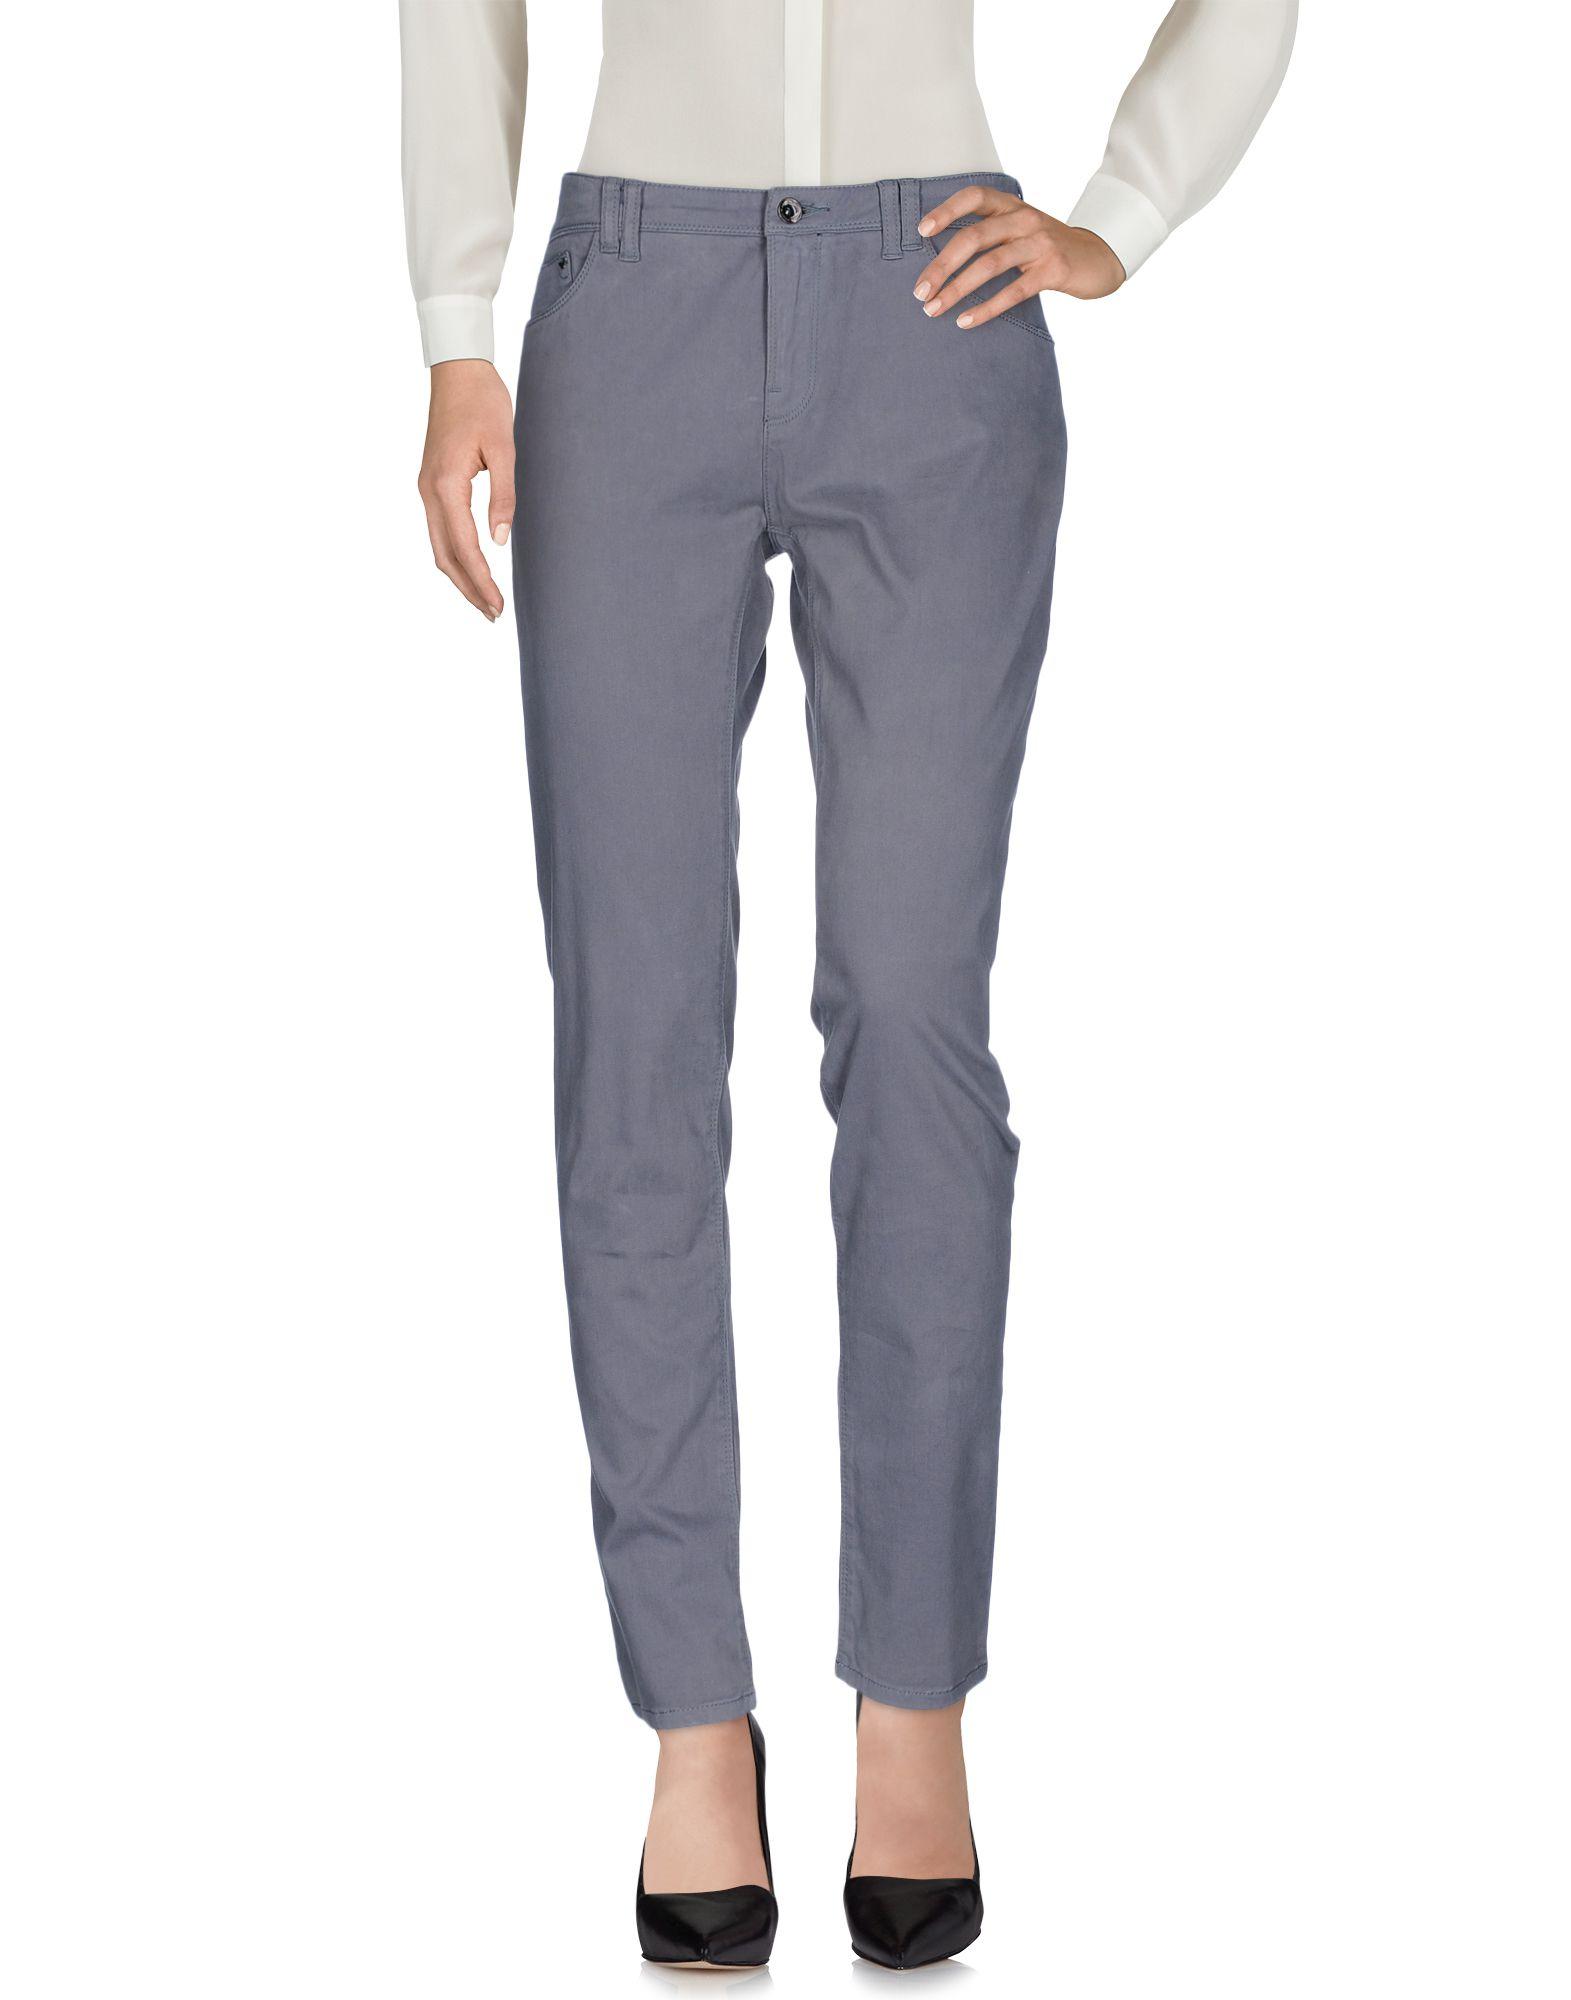 Pantalone Armani Armani Armani Jeans donna - 13036856AA 73a